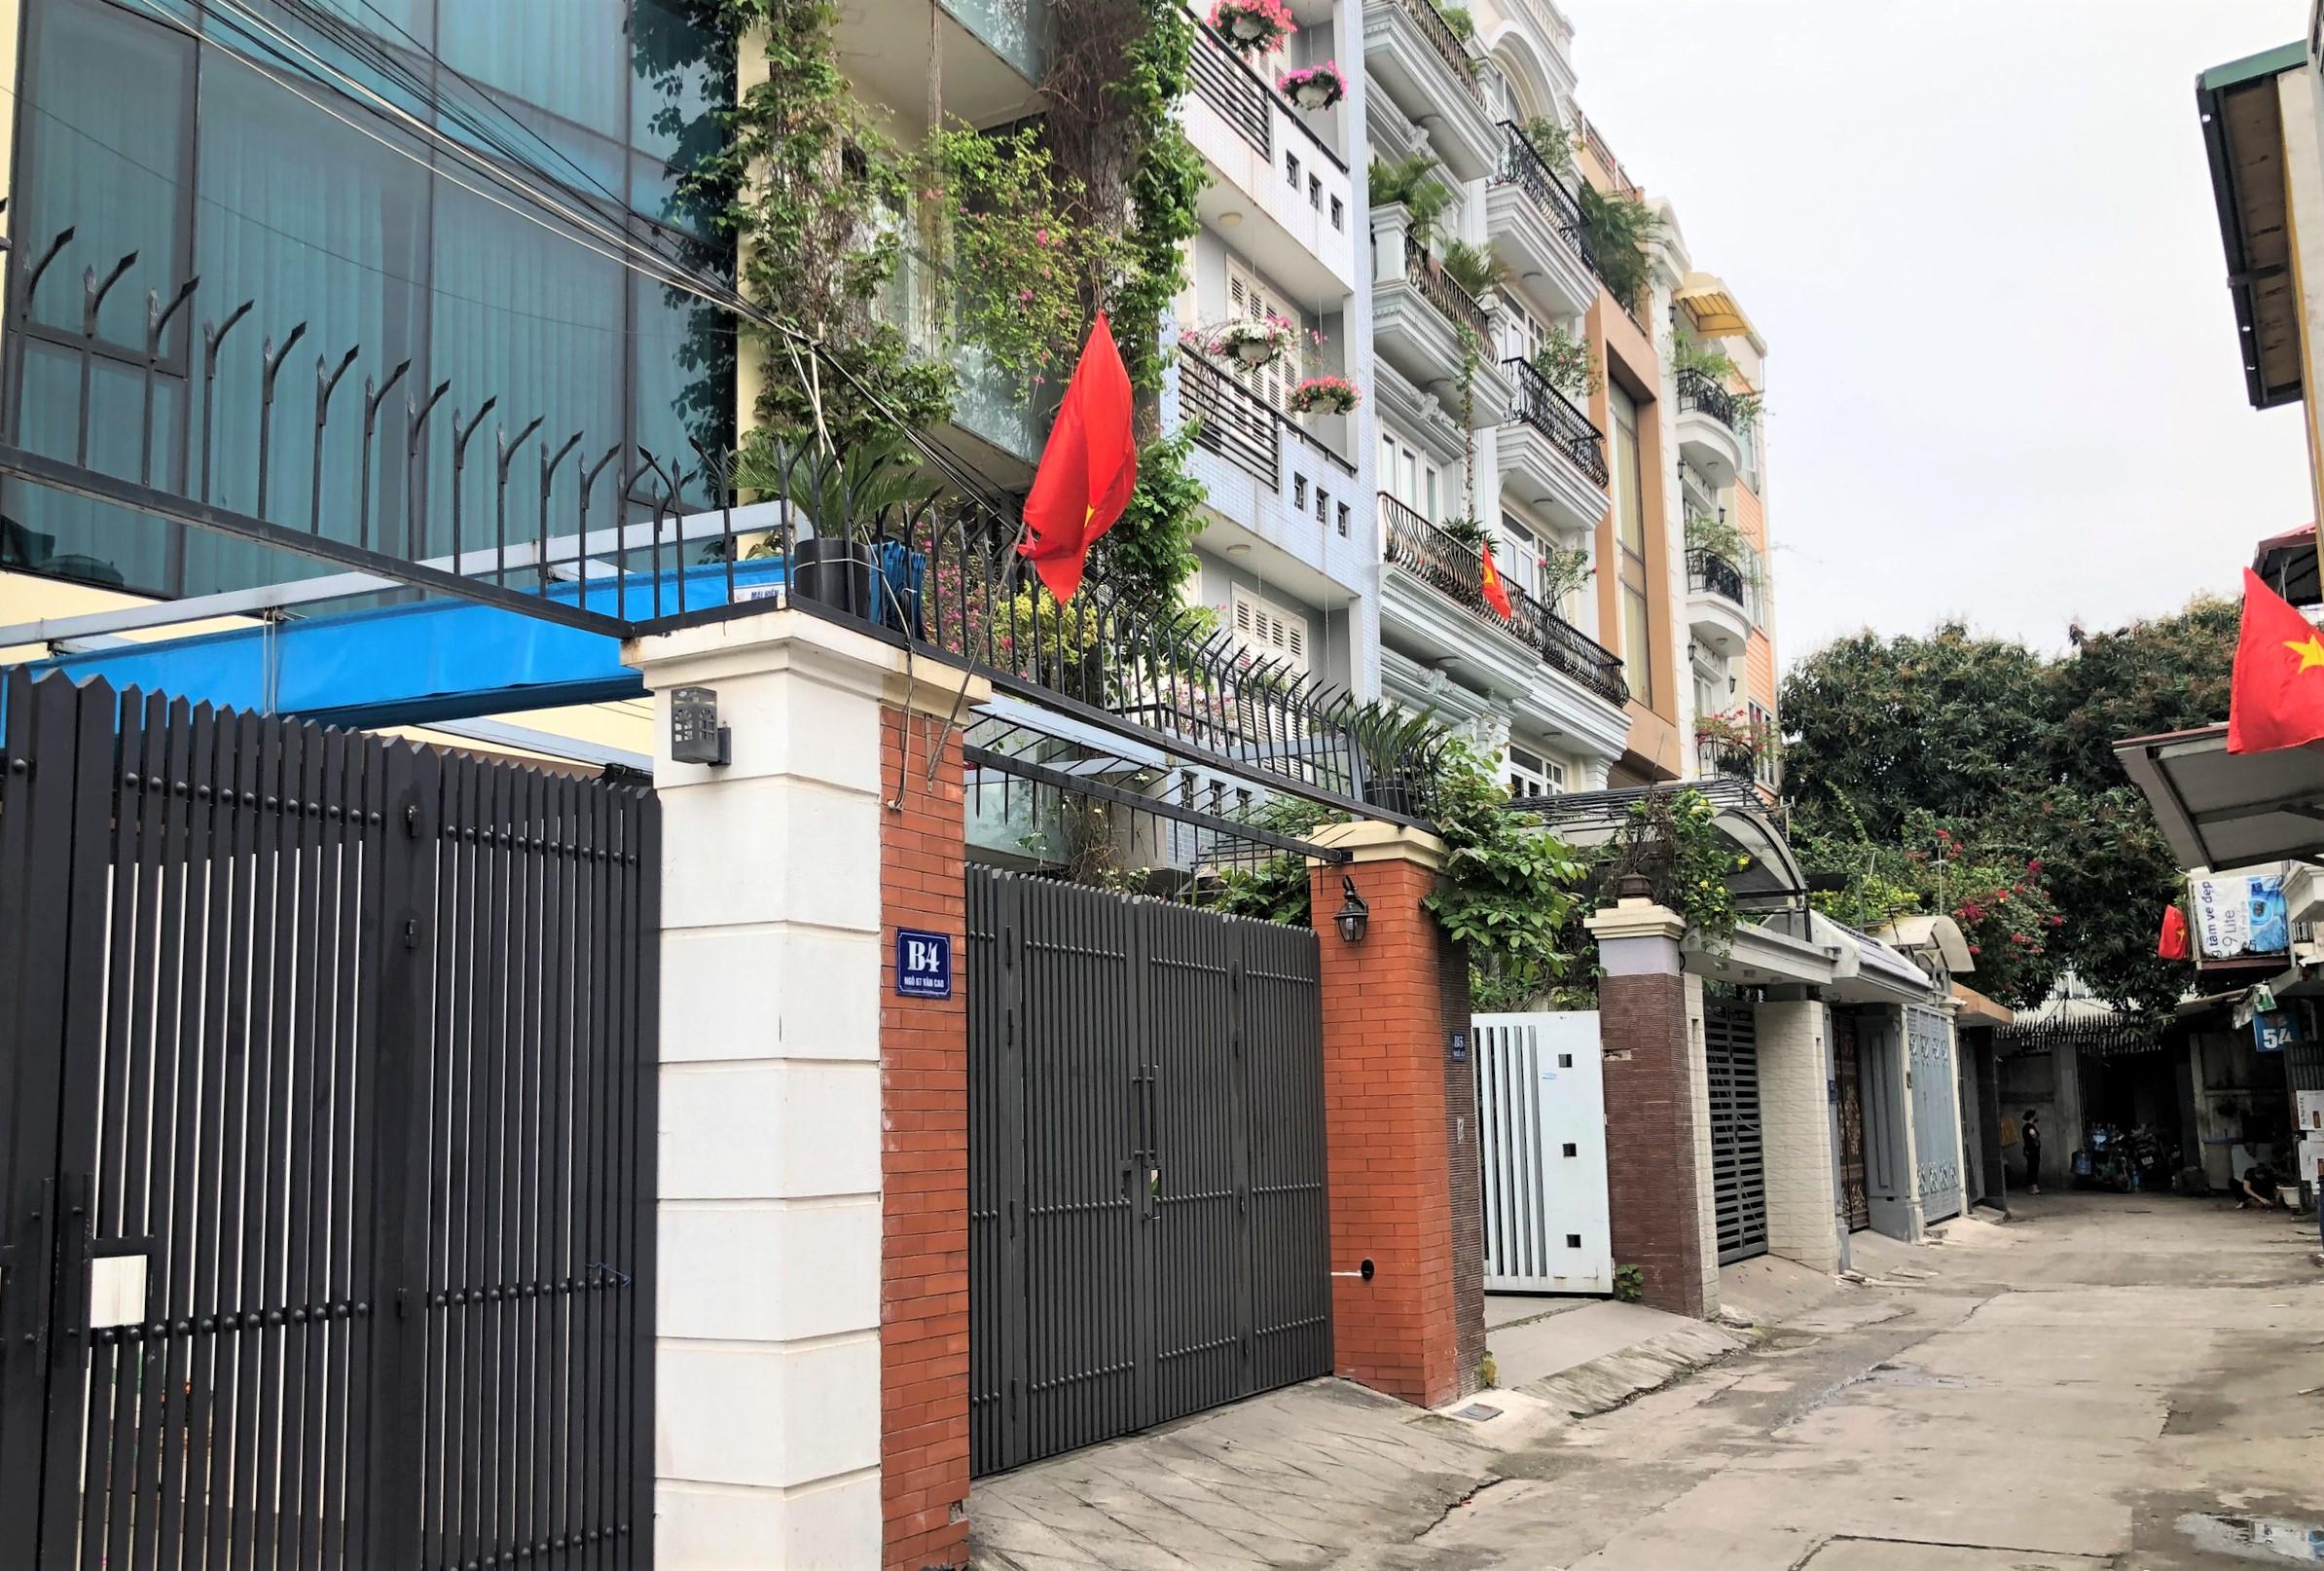 Đường sắp mở theo quy hoạch ở phường Liễu Giai, Ba Đình, Hà Nội (phần 2): Đường nối Đội Cấn - Hoàng Hoa Thám  - Ảnh 11.